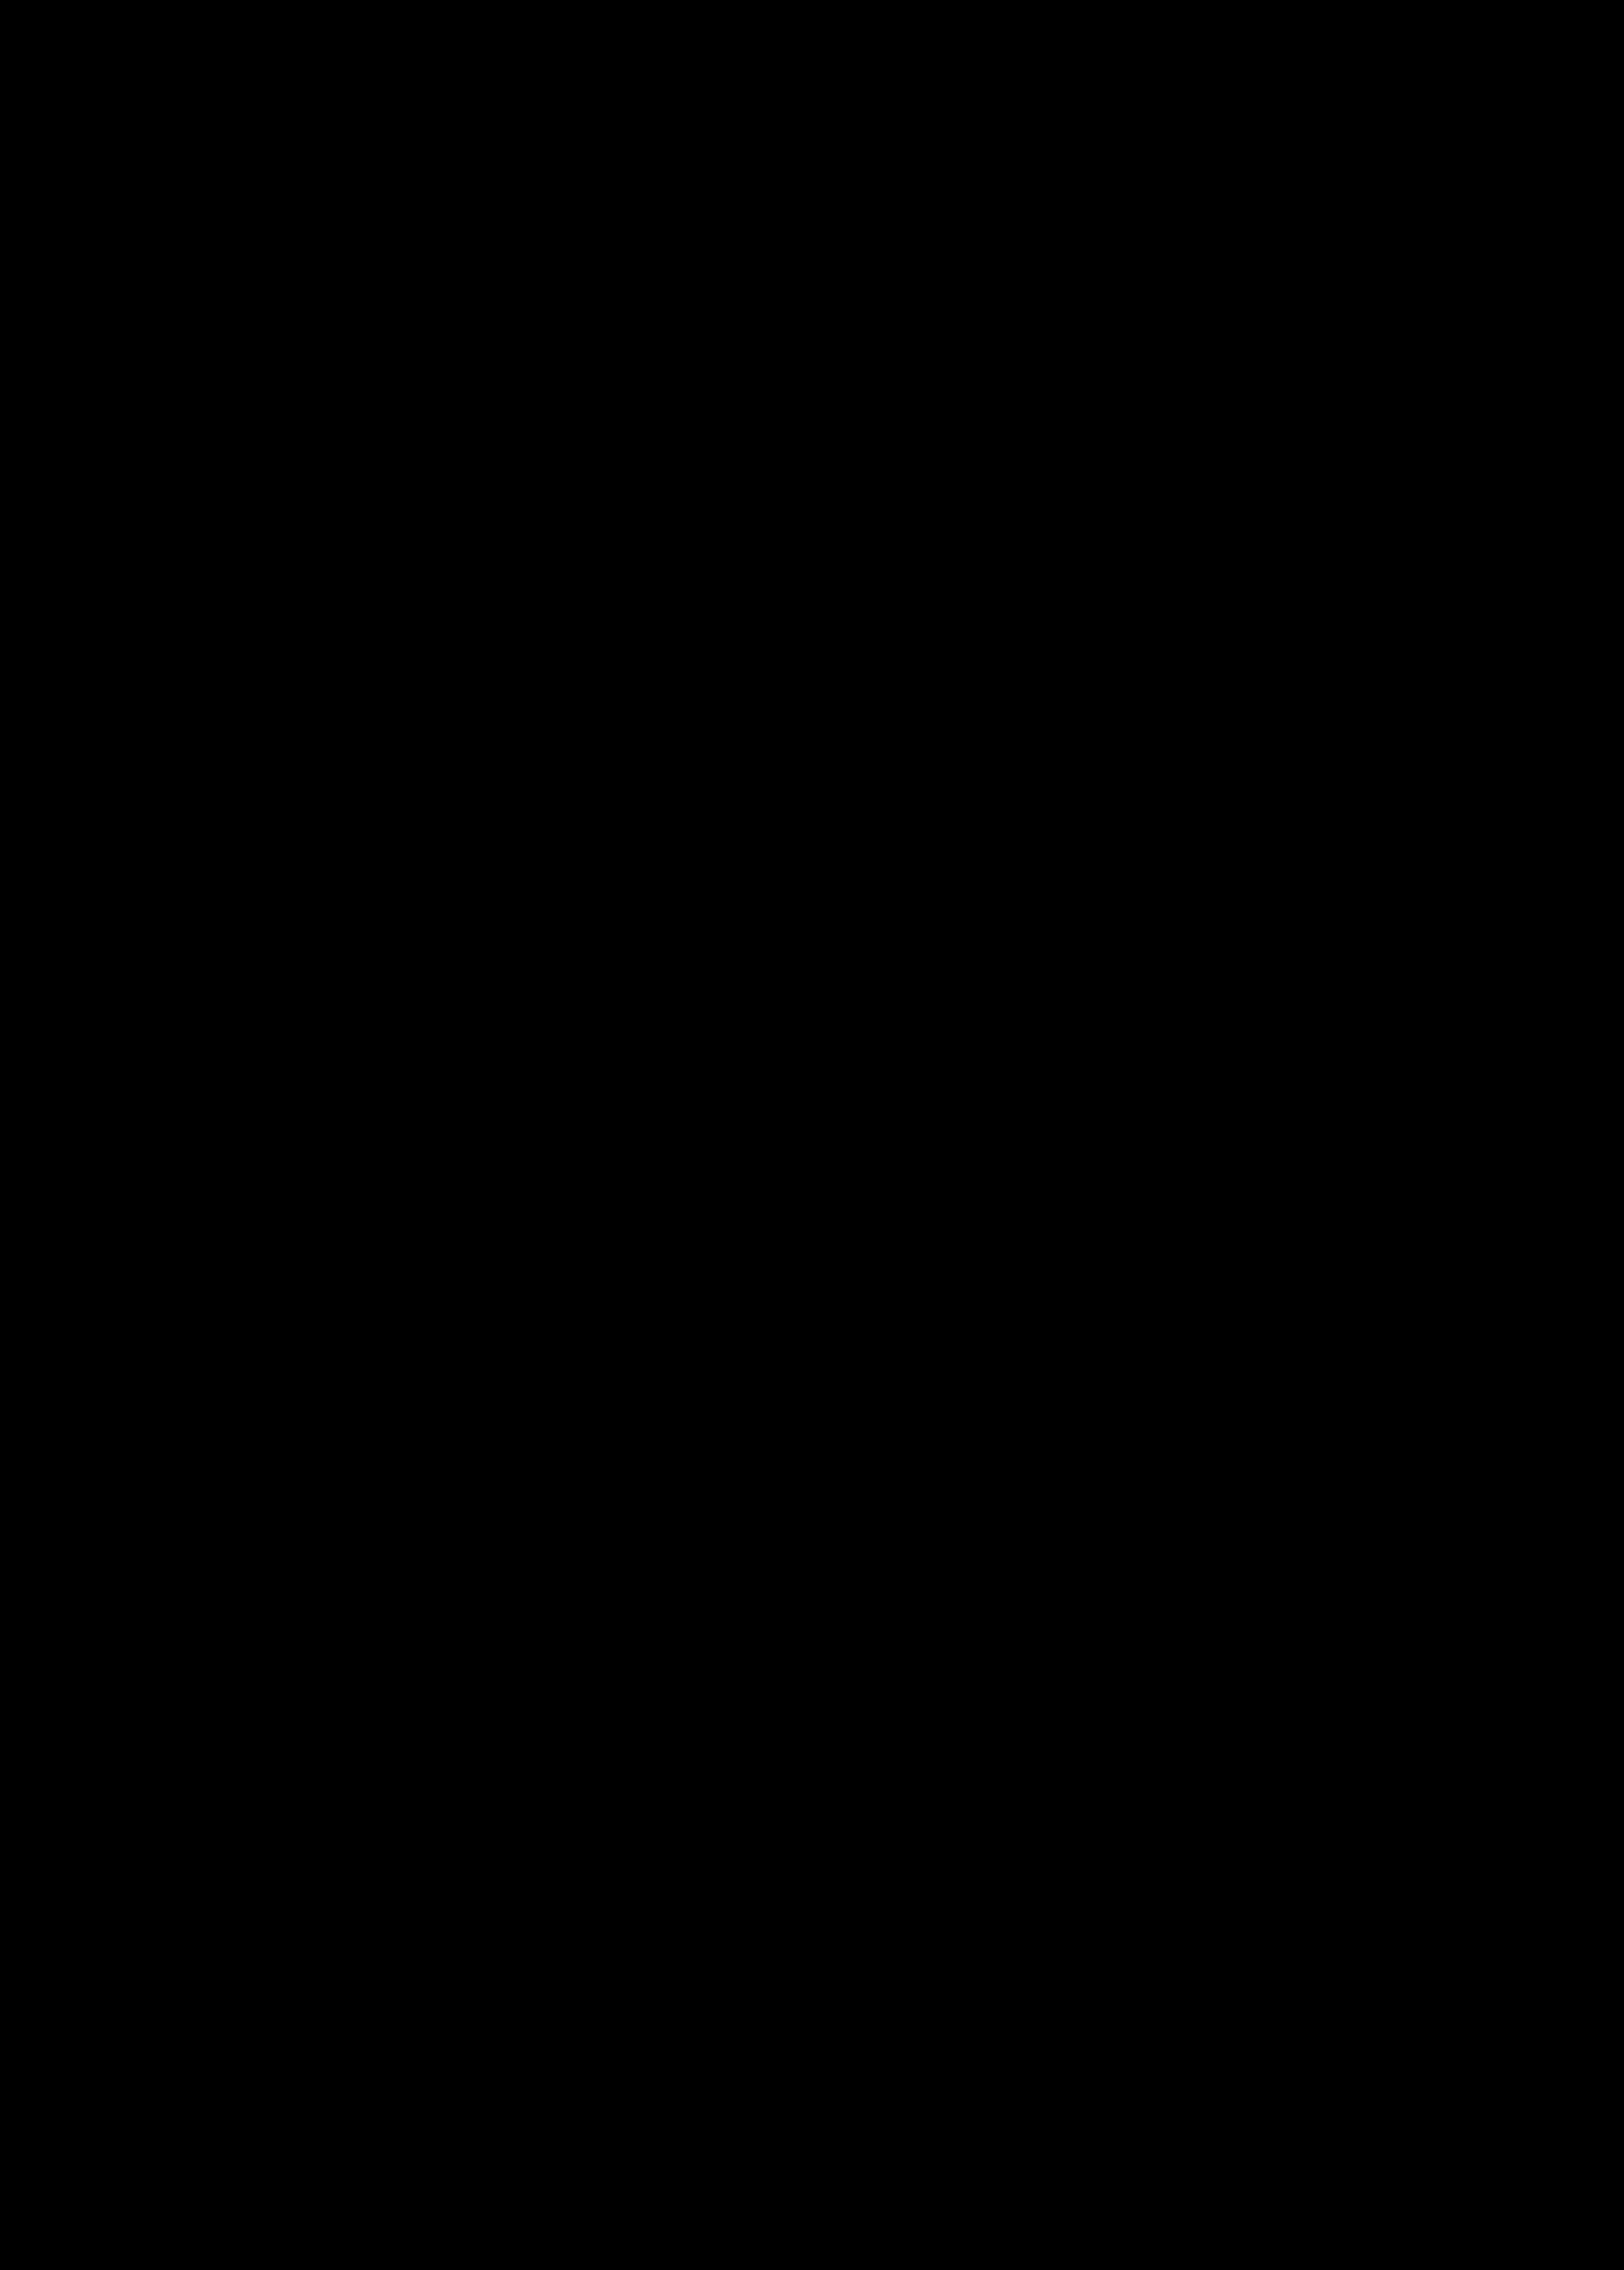 Þorravika, vísindaklúbbur og hæfileikakeppni.